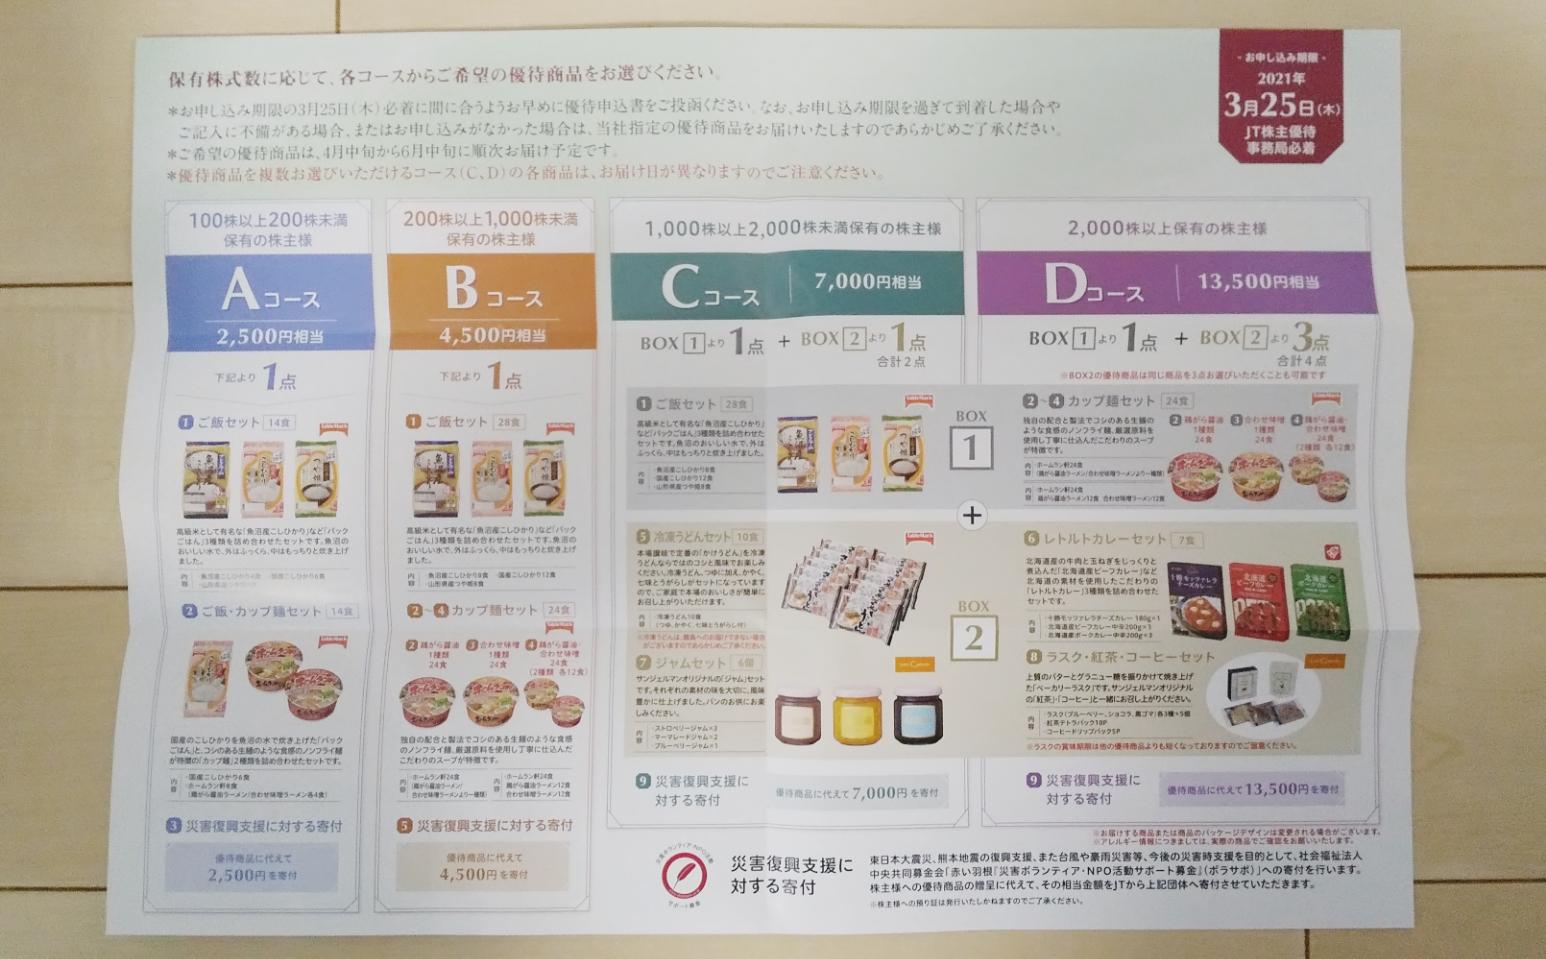 減配+含み損23万円超で塩漬け中の日本たばこ産業/JT(2914)から株主優待案内が2名義分到着!